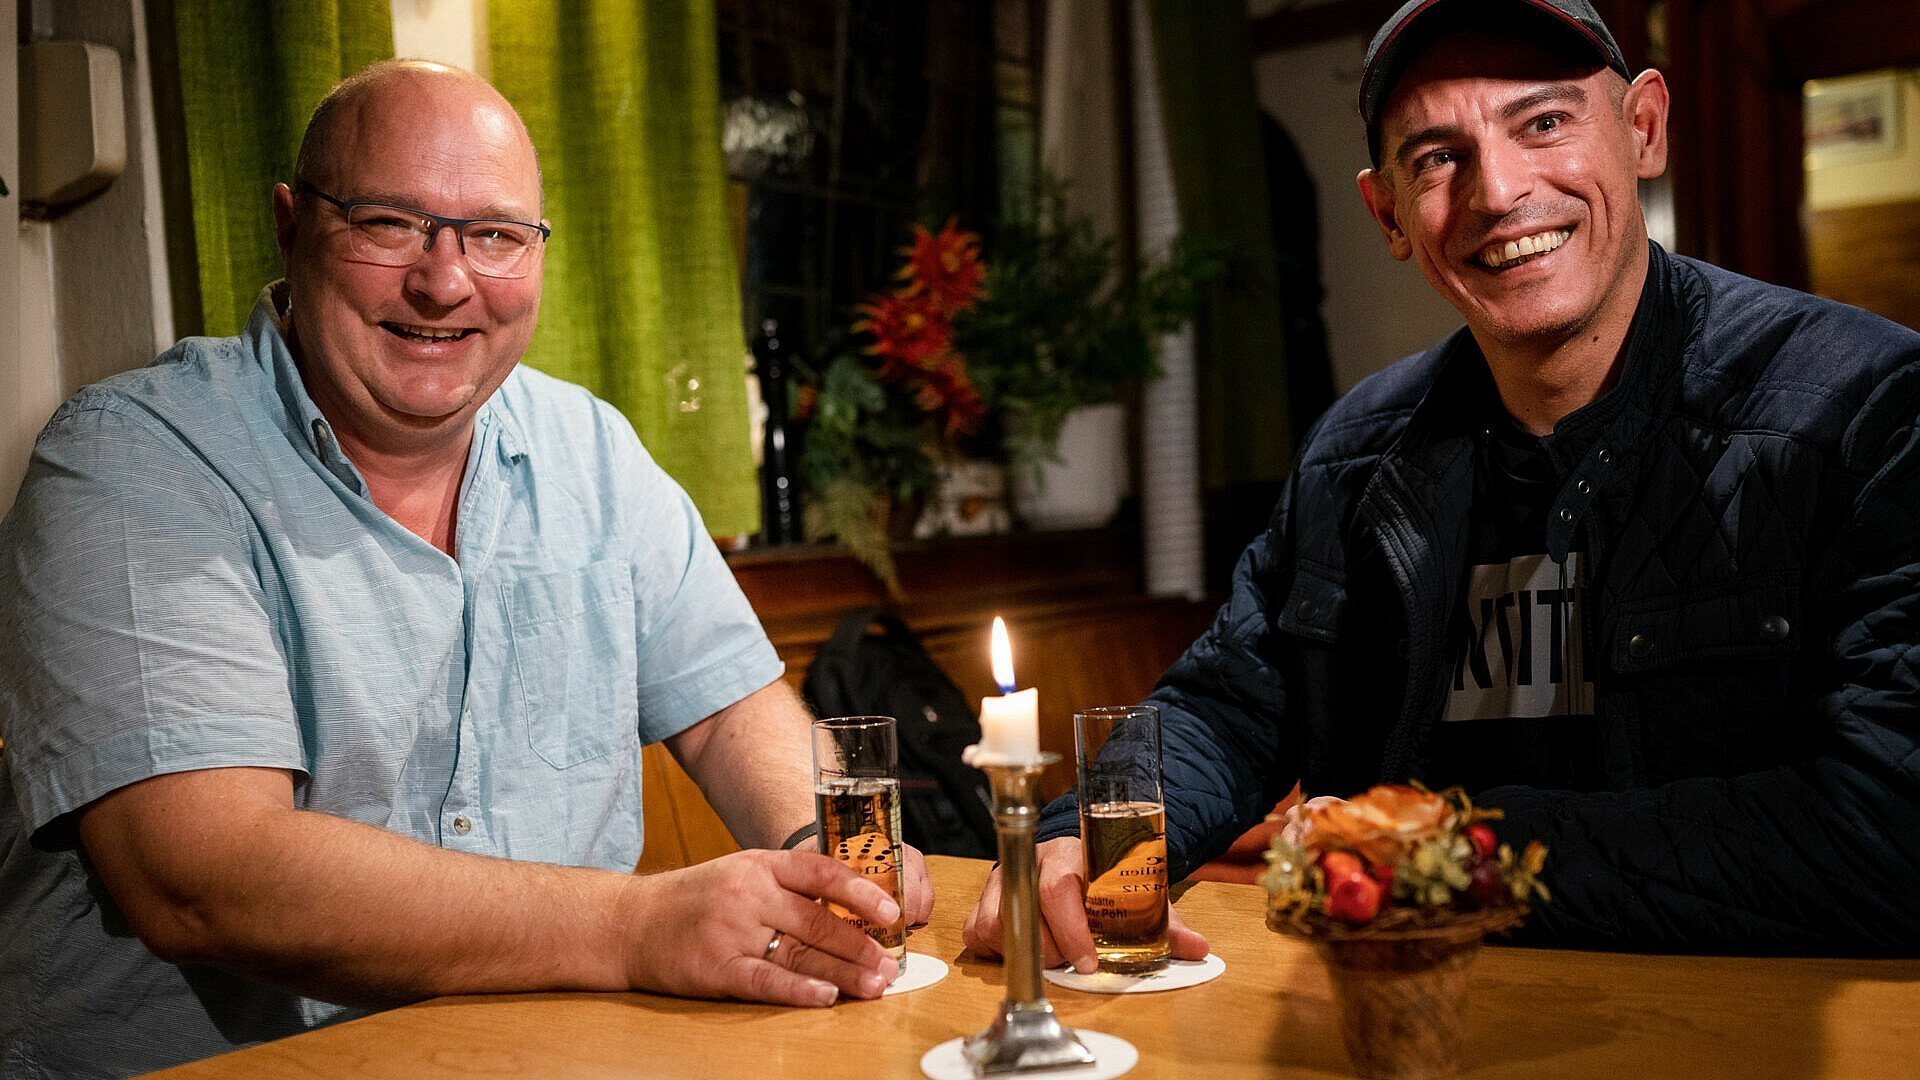 Holger Utzig von Kölsch Hätz und Nachbar Murat Kundakci in einer Kneipe